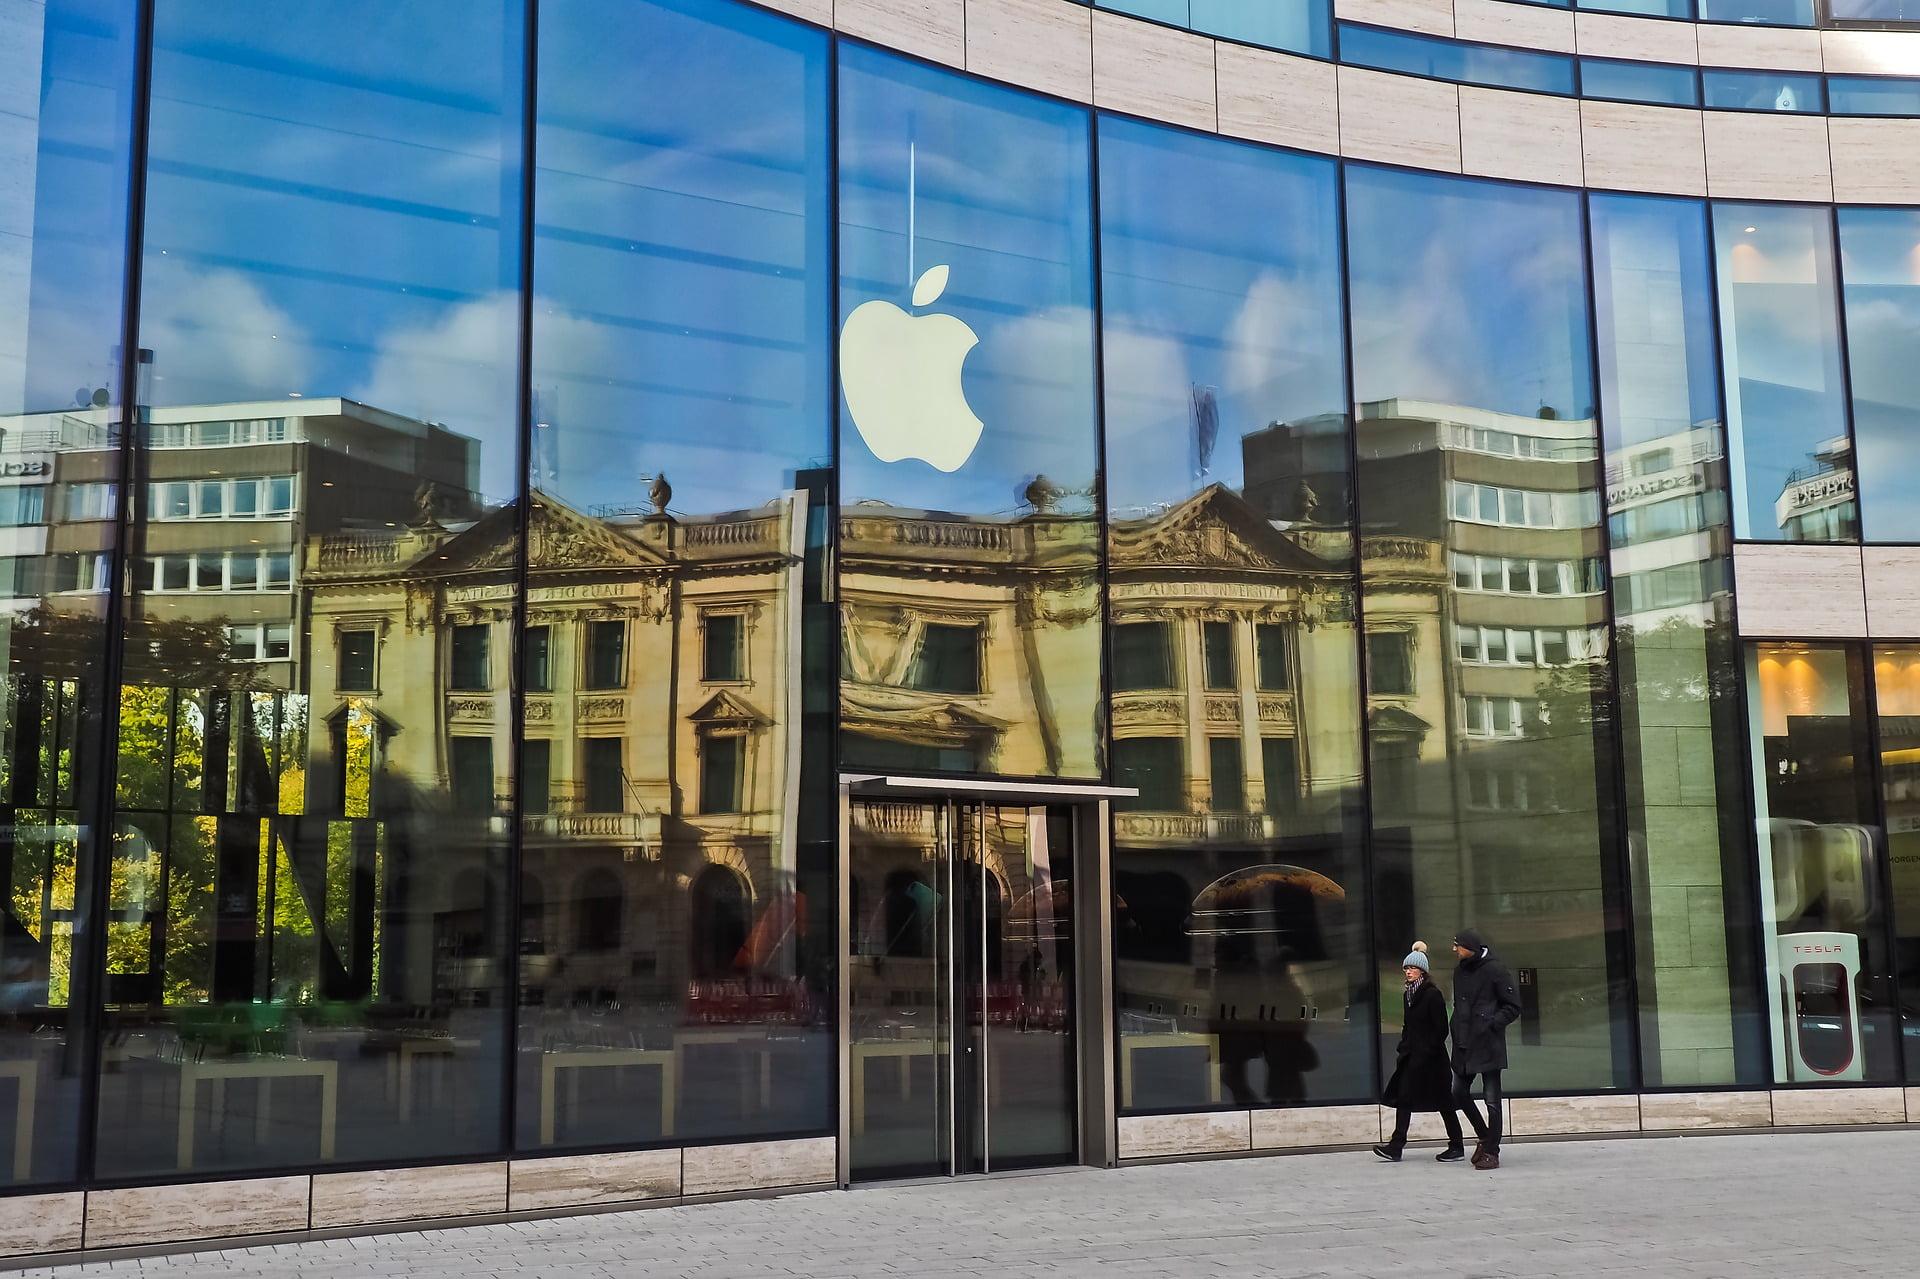 Apple ar putea muta între 15 și 30% din producția sa din China, din cauza războiului comercial cu SUA